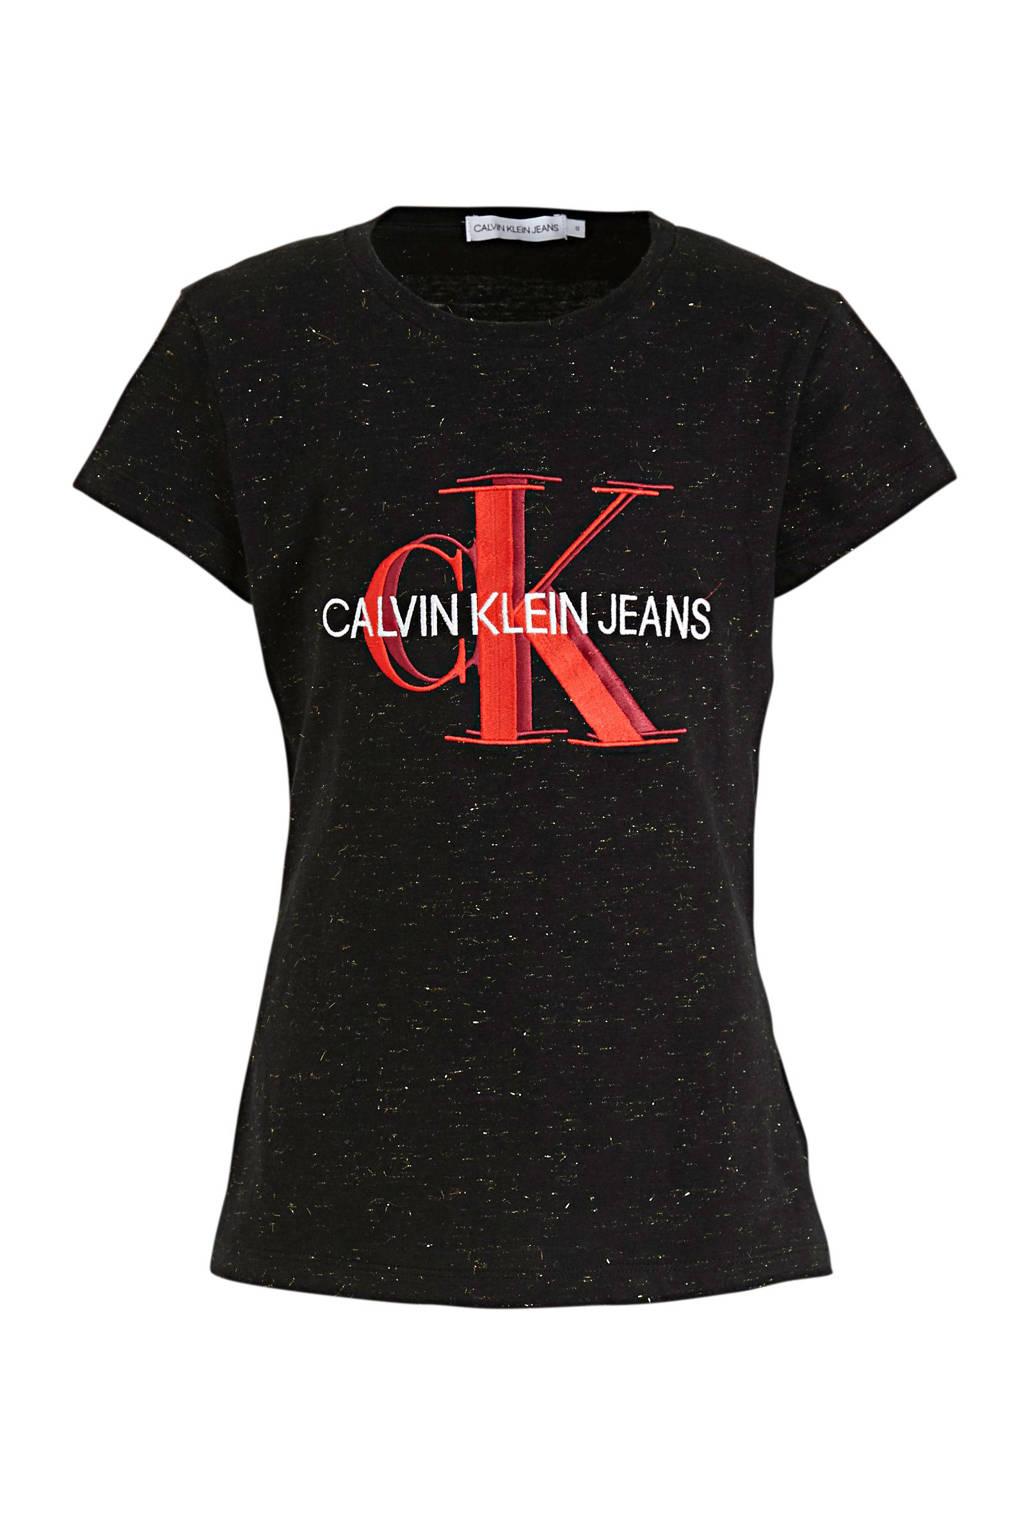 CALVIN KLEIN JEANS T-shirt van biologisch katoen zwart/rood/wit, Zwart/rood/wit